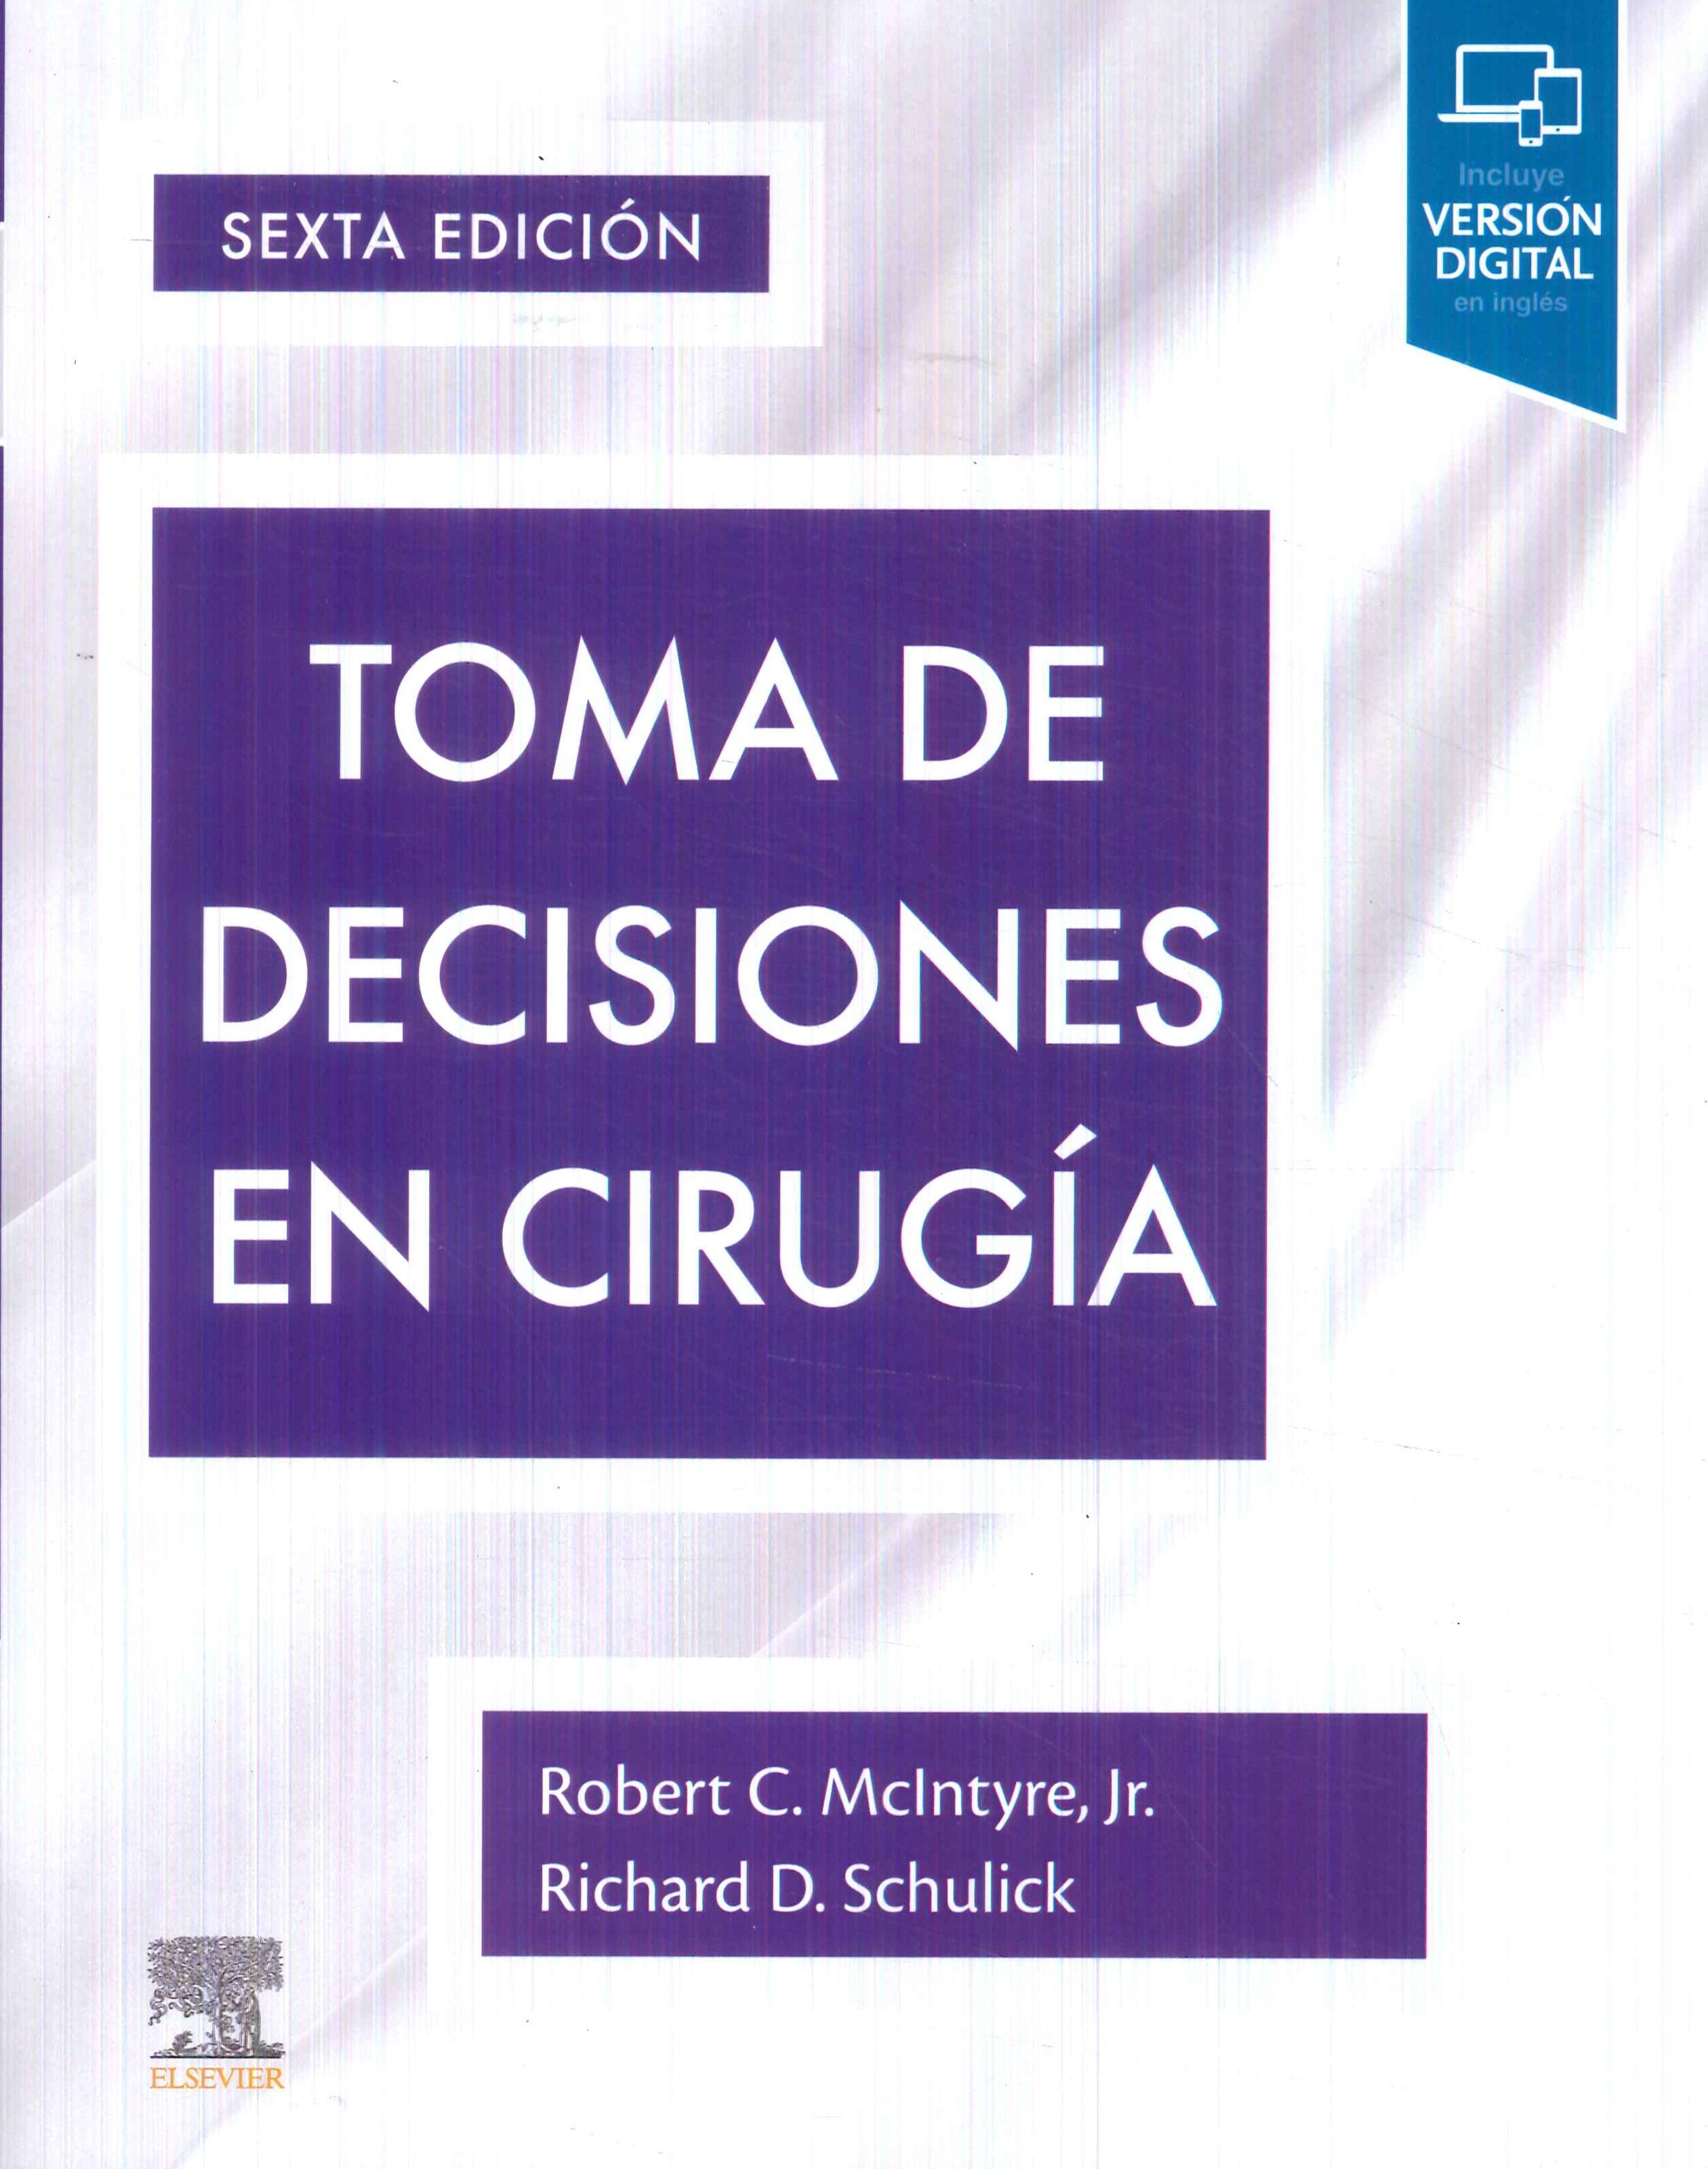 Toma de decisiones en Cirugía